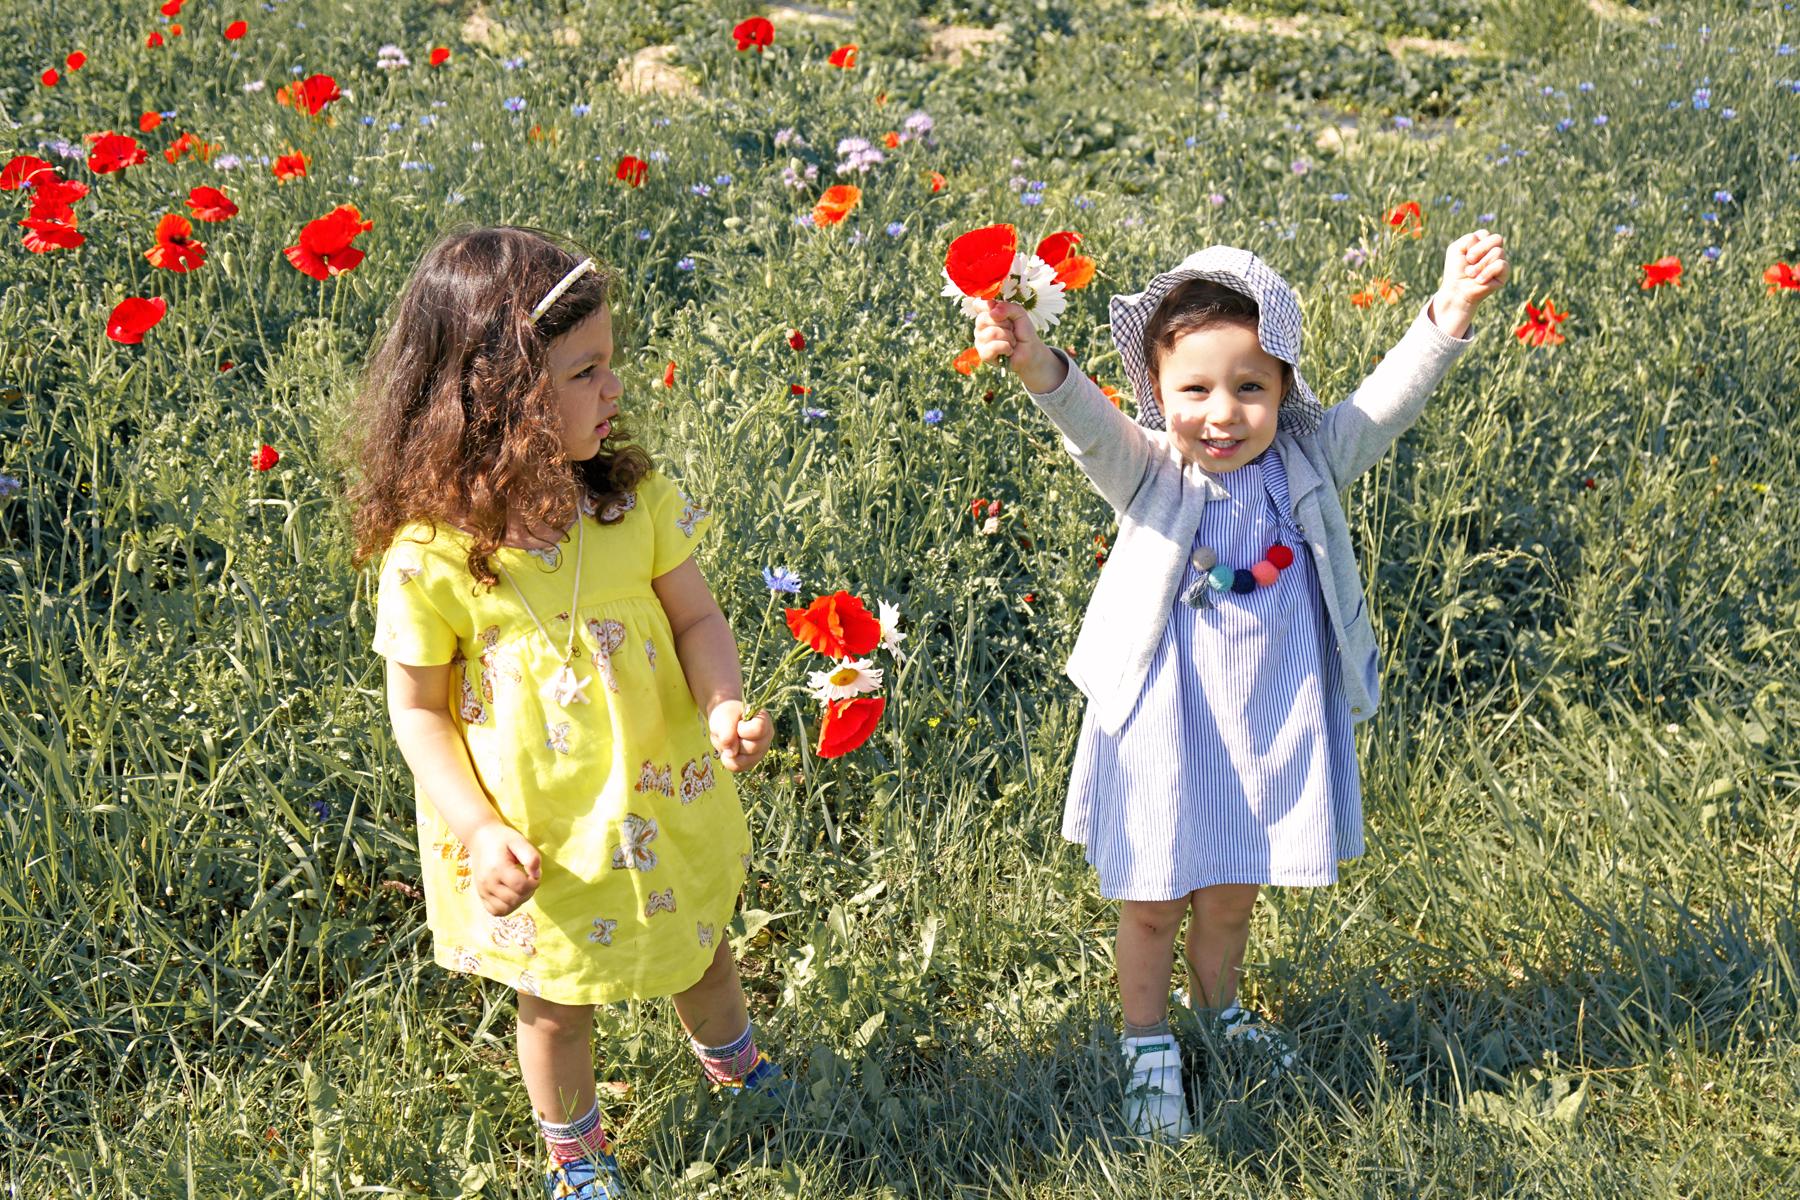 Petites filles dans un champs de fleurs à Fraisochamps, Thil